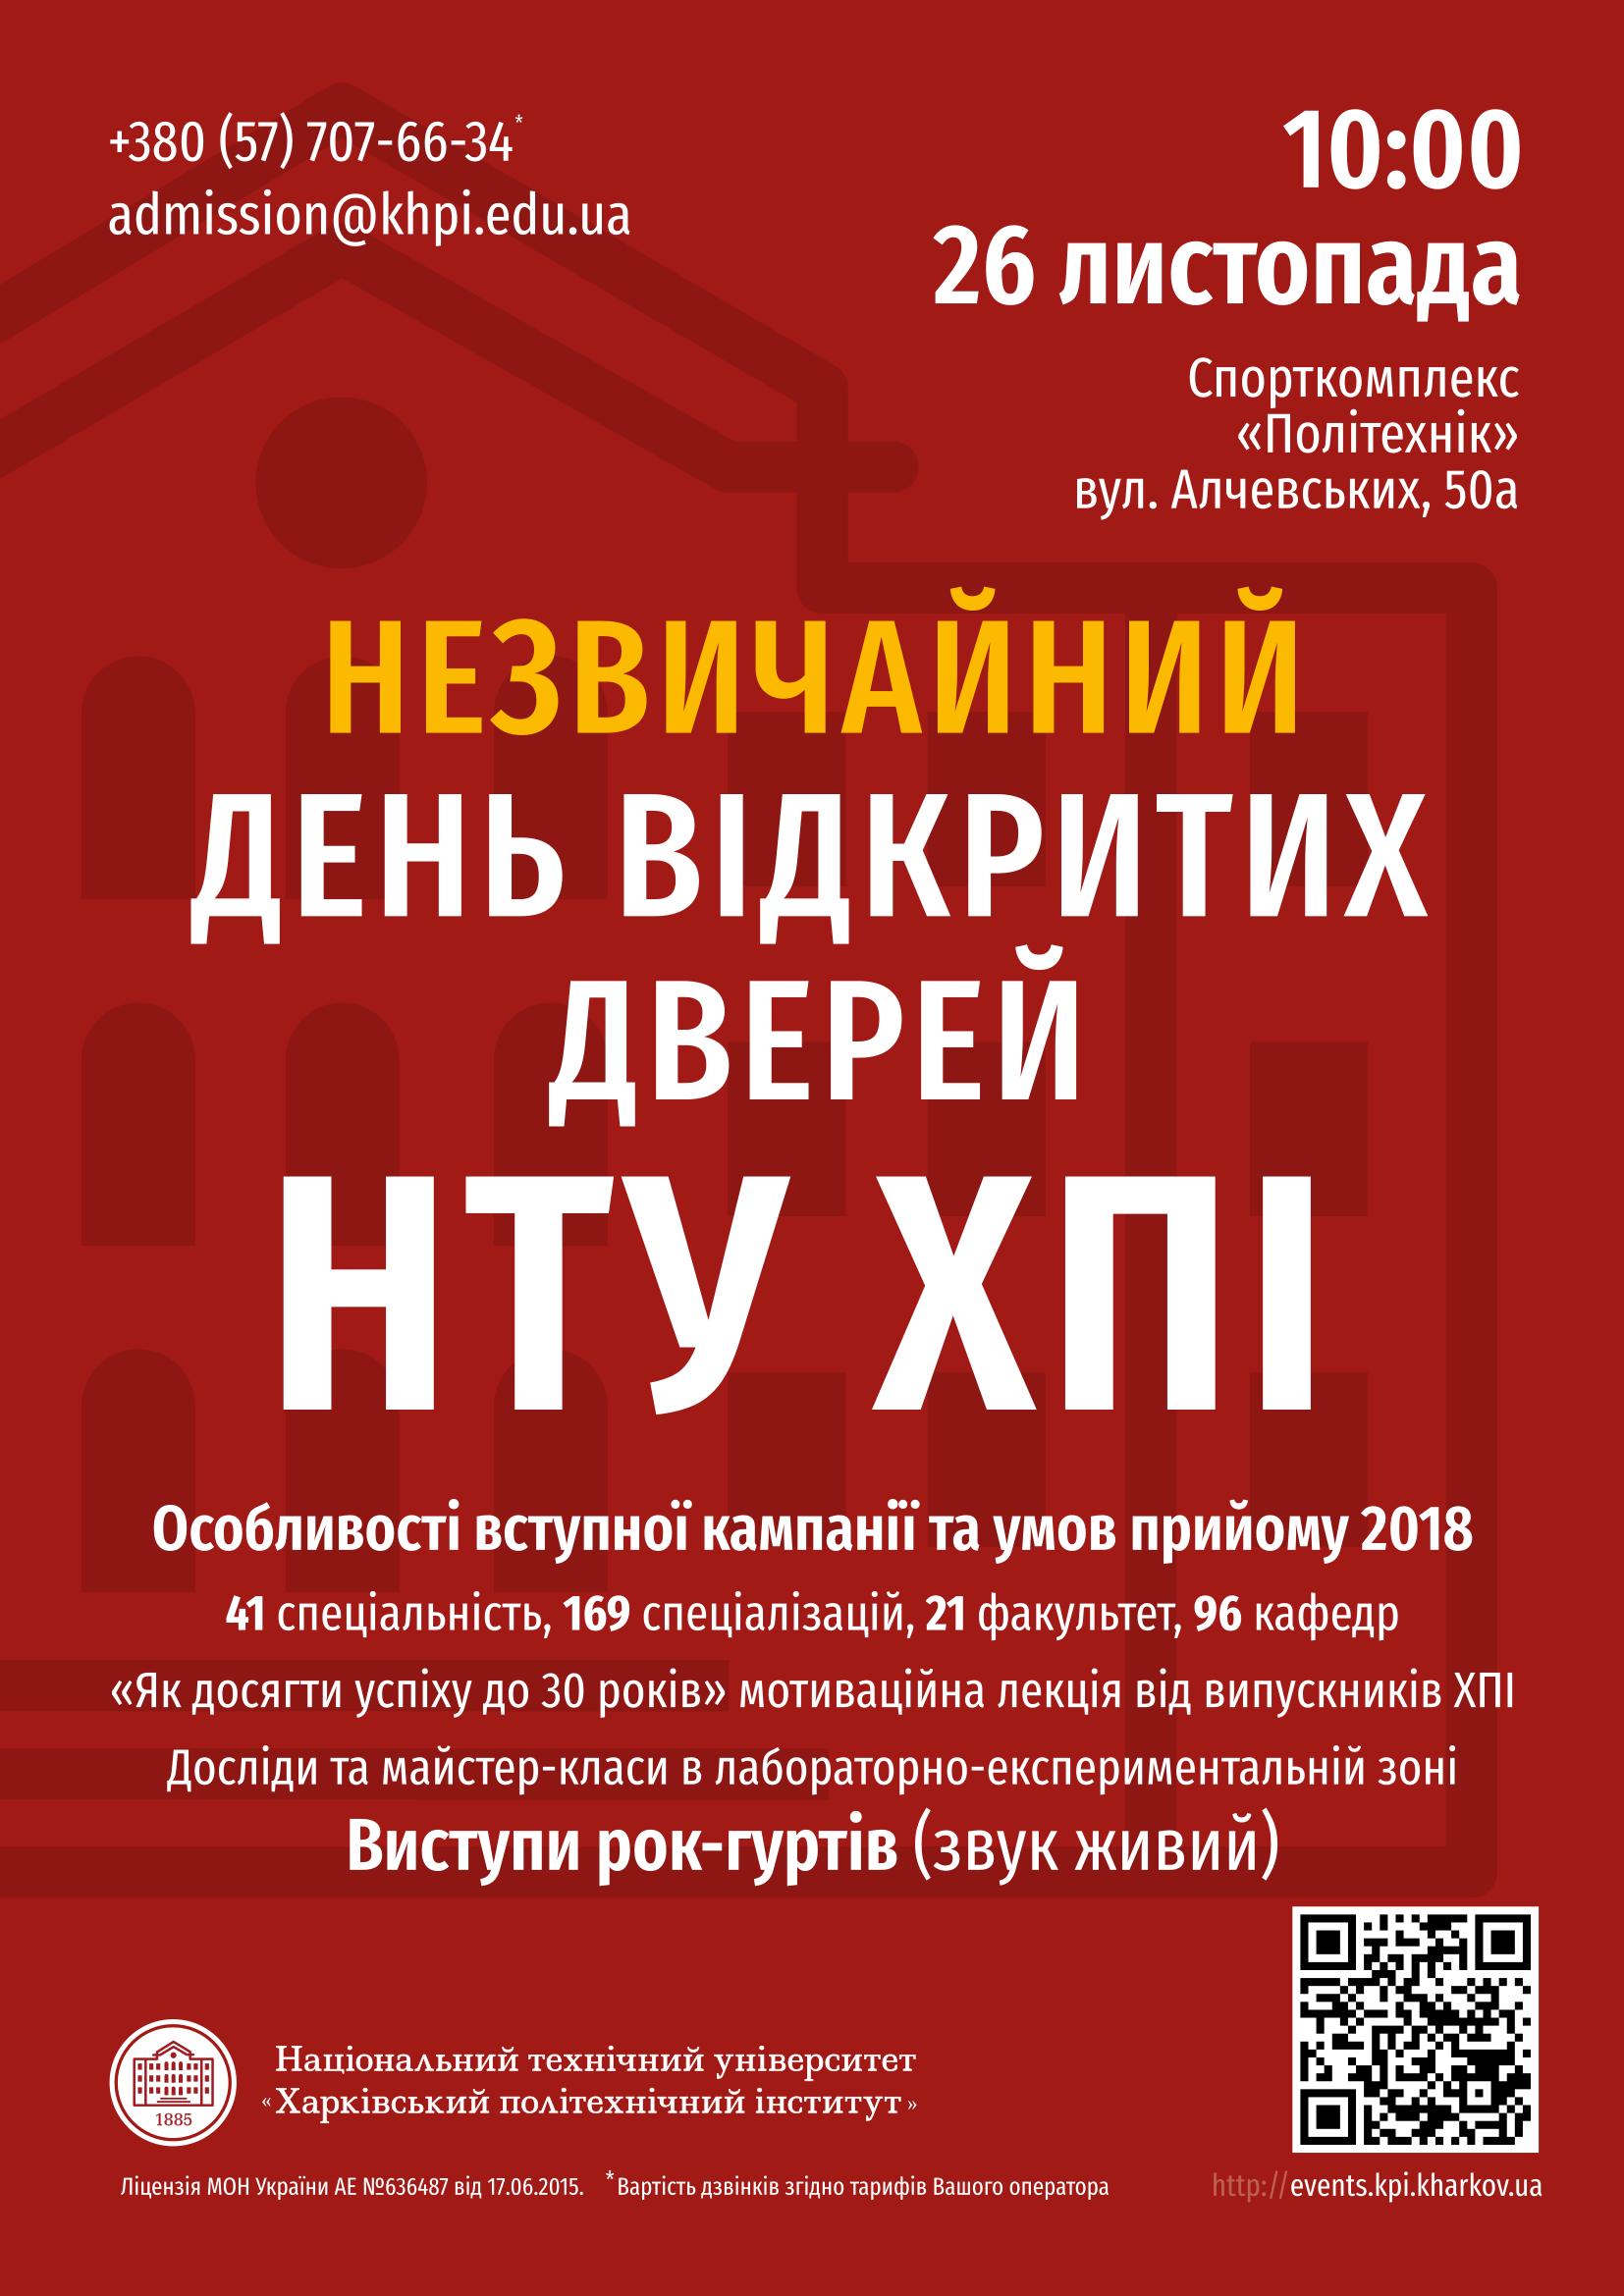 День відкритих дверей НТУ ХПІ - 2017